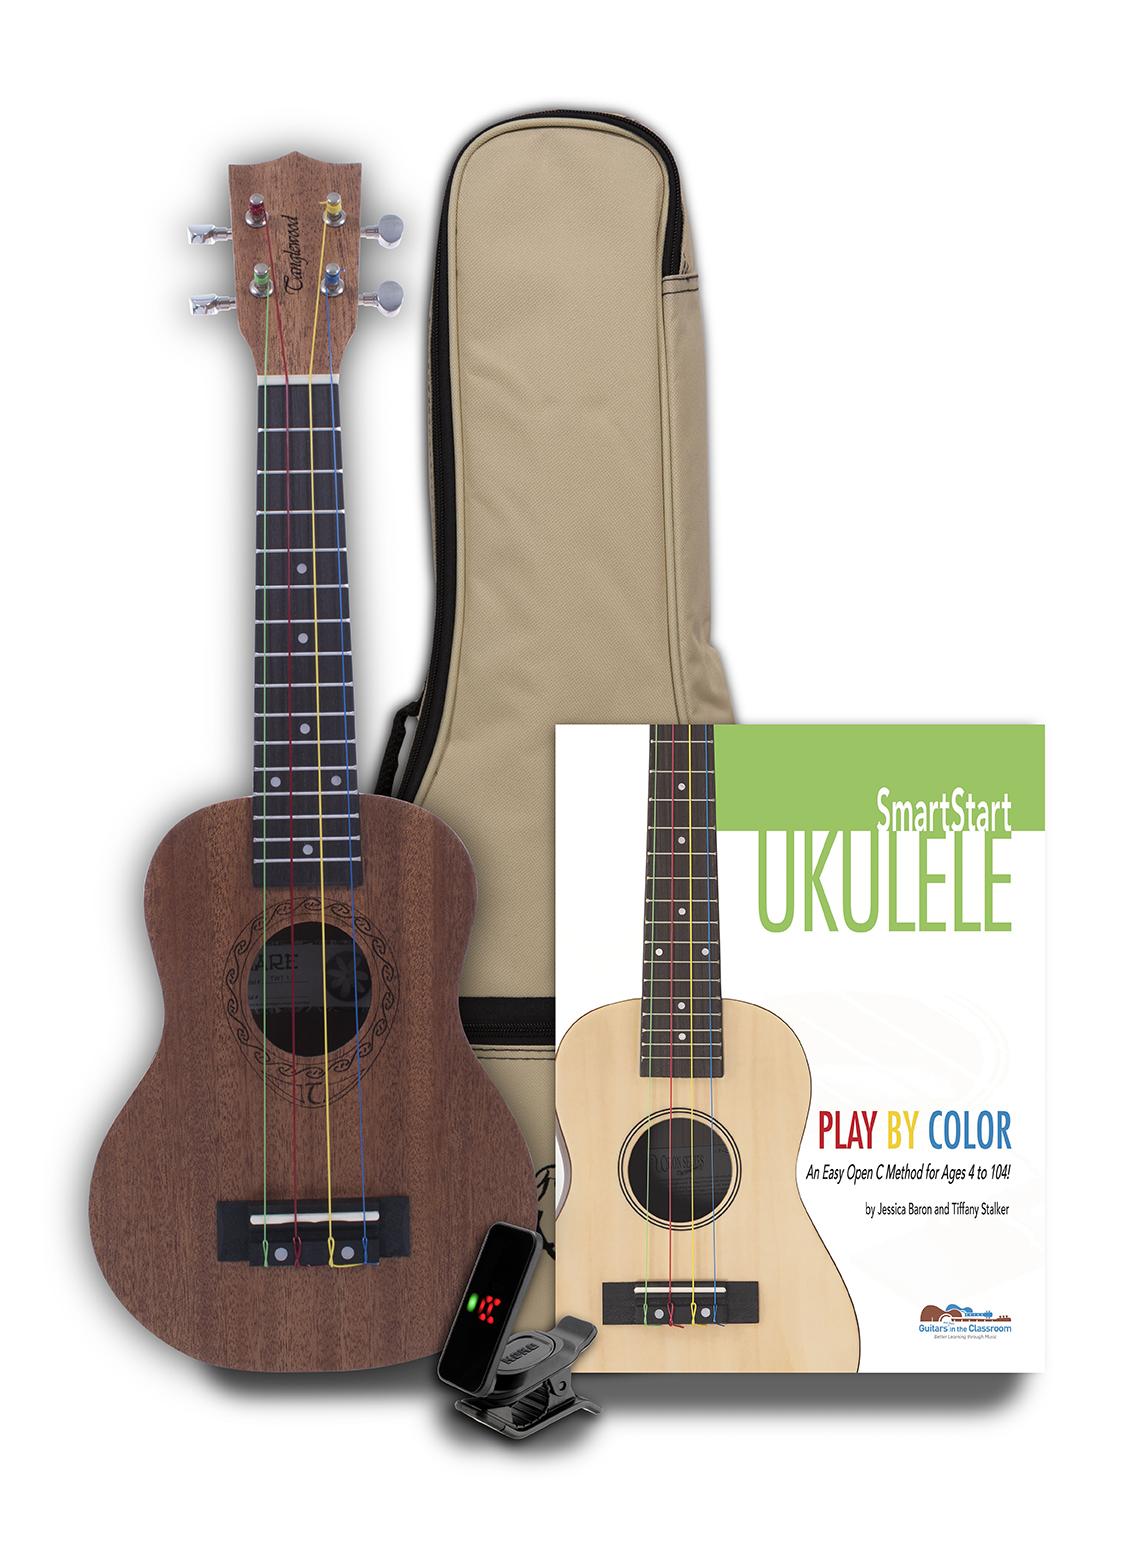 Ukulele Learn to Play Bundle – Tanglewood Guitars